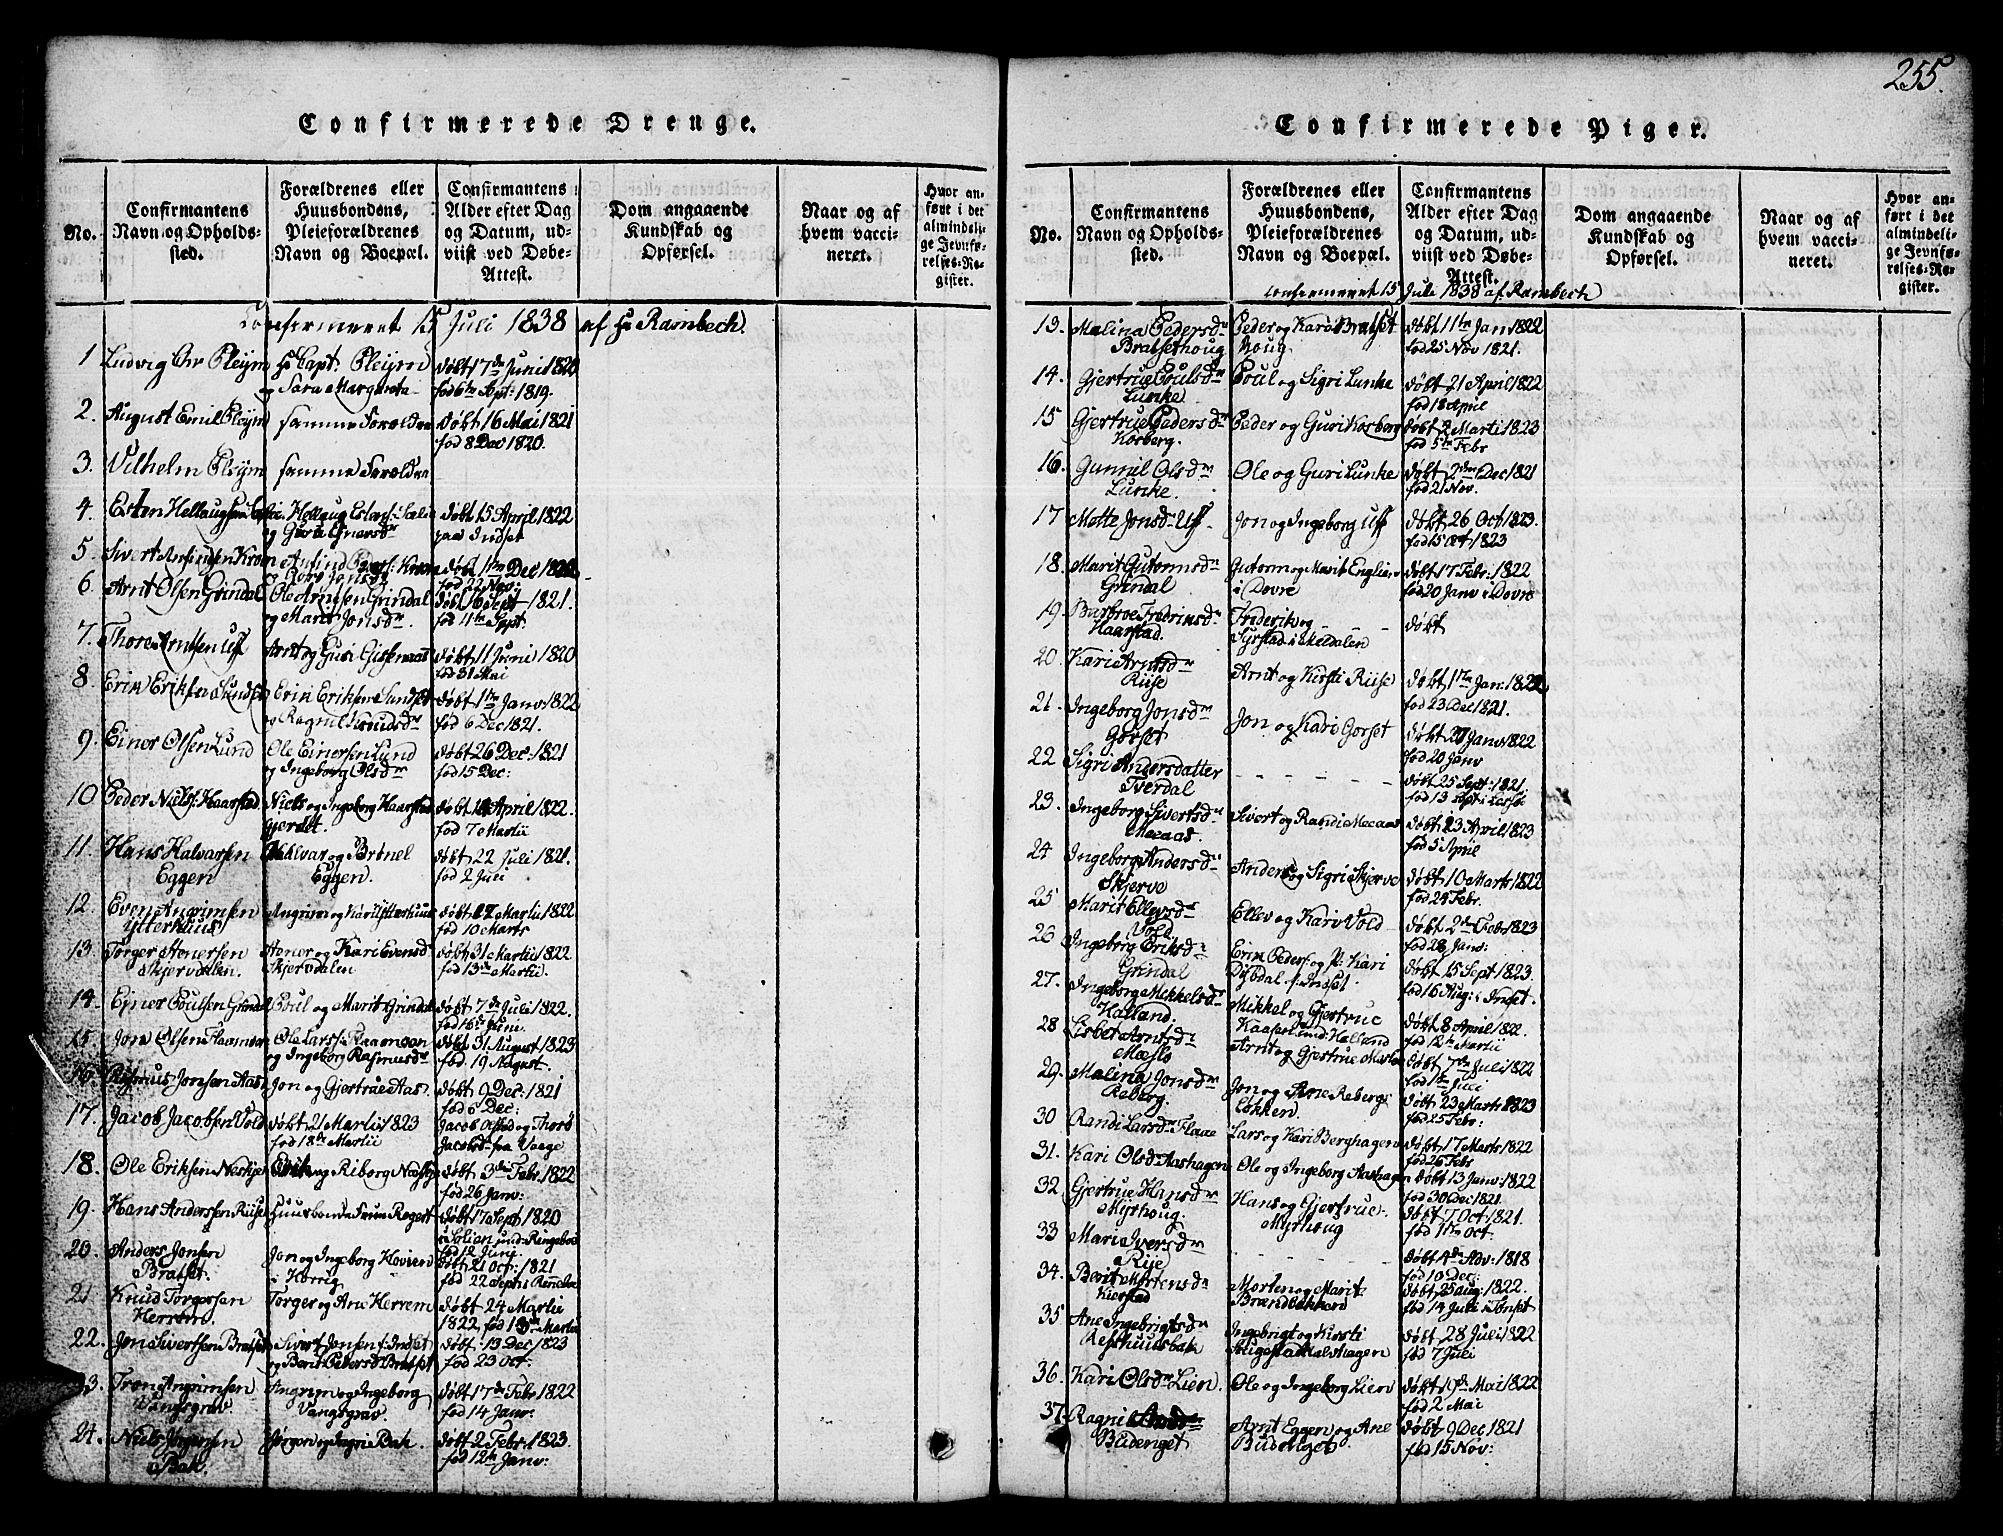 SAT, Ministerialprotokoller, klokkerbøker og fødselsregistre - Sør-Trøndelag, 674/L0874: Klokkerbok nr. 674C01, 1816-1860, s. 255